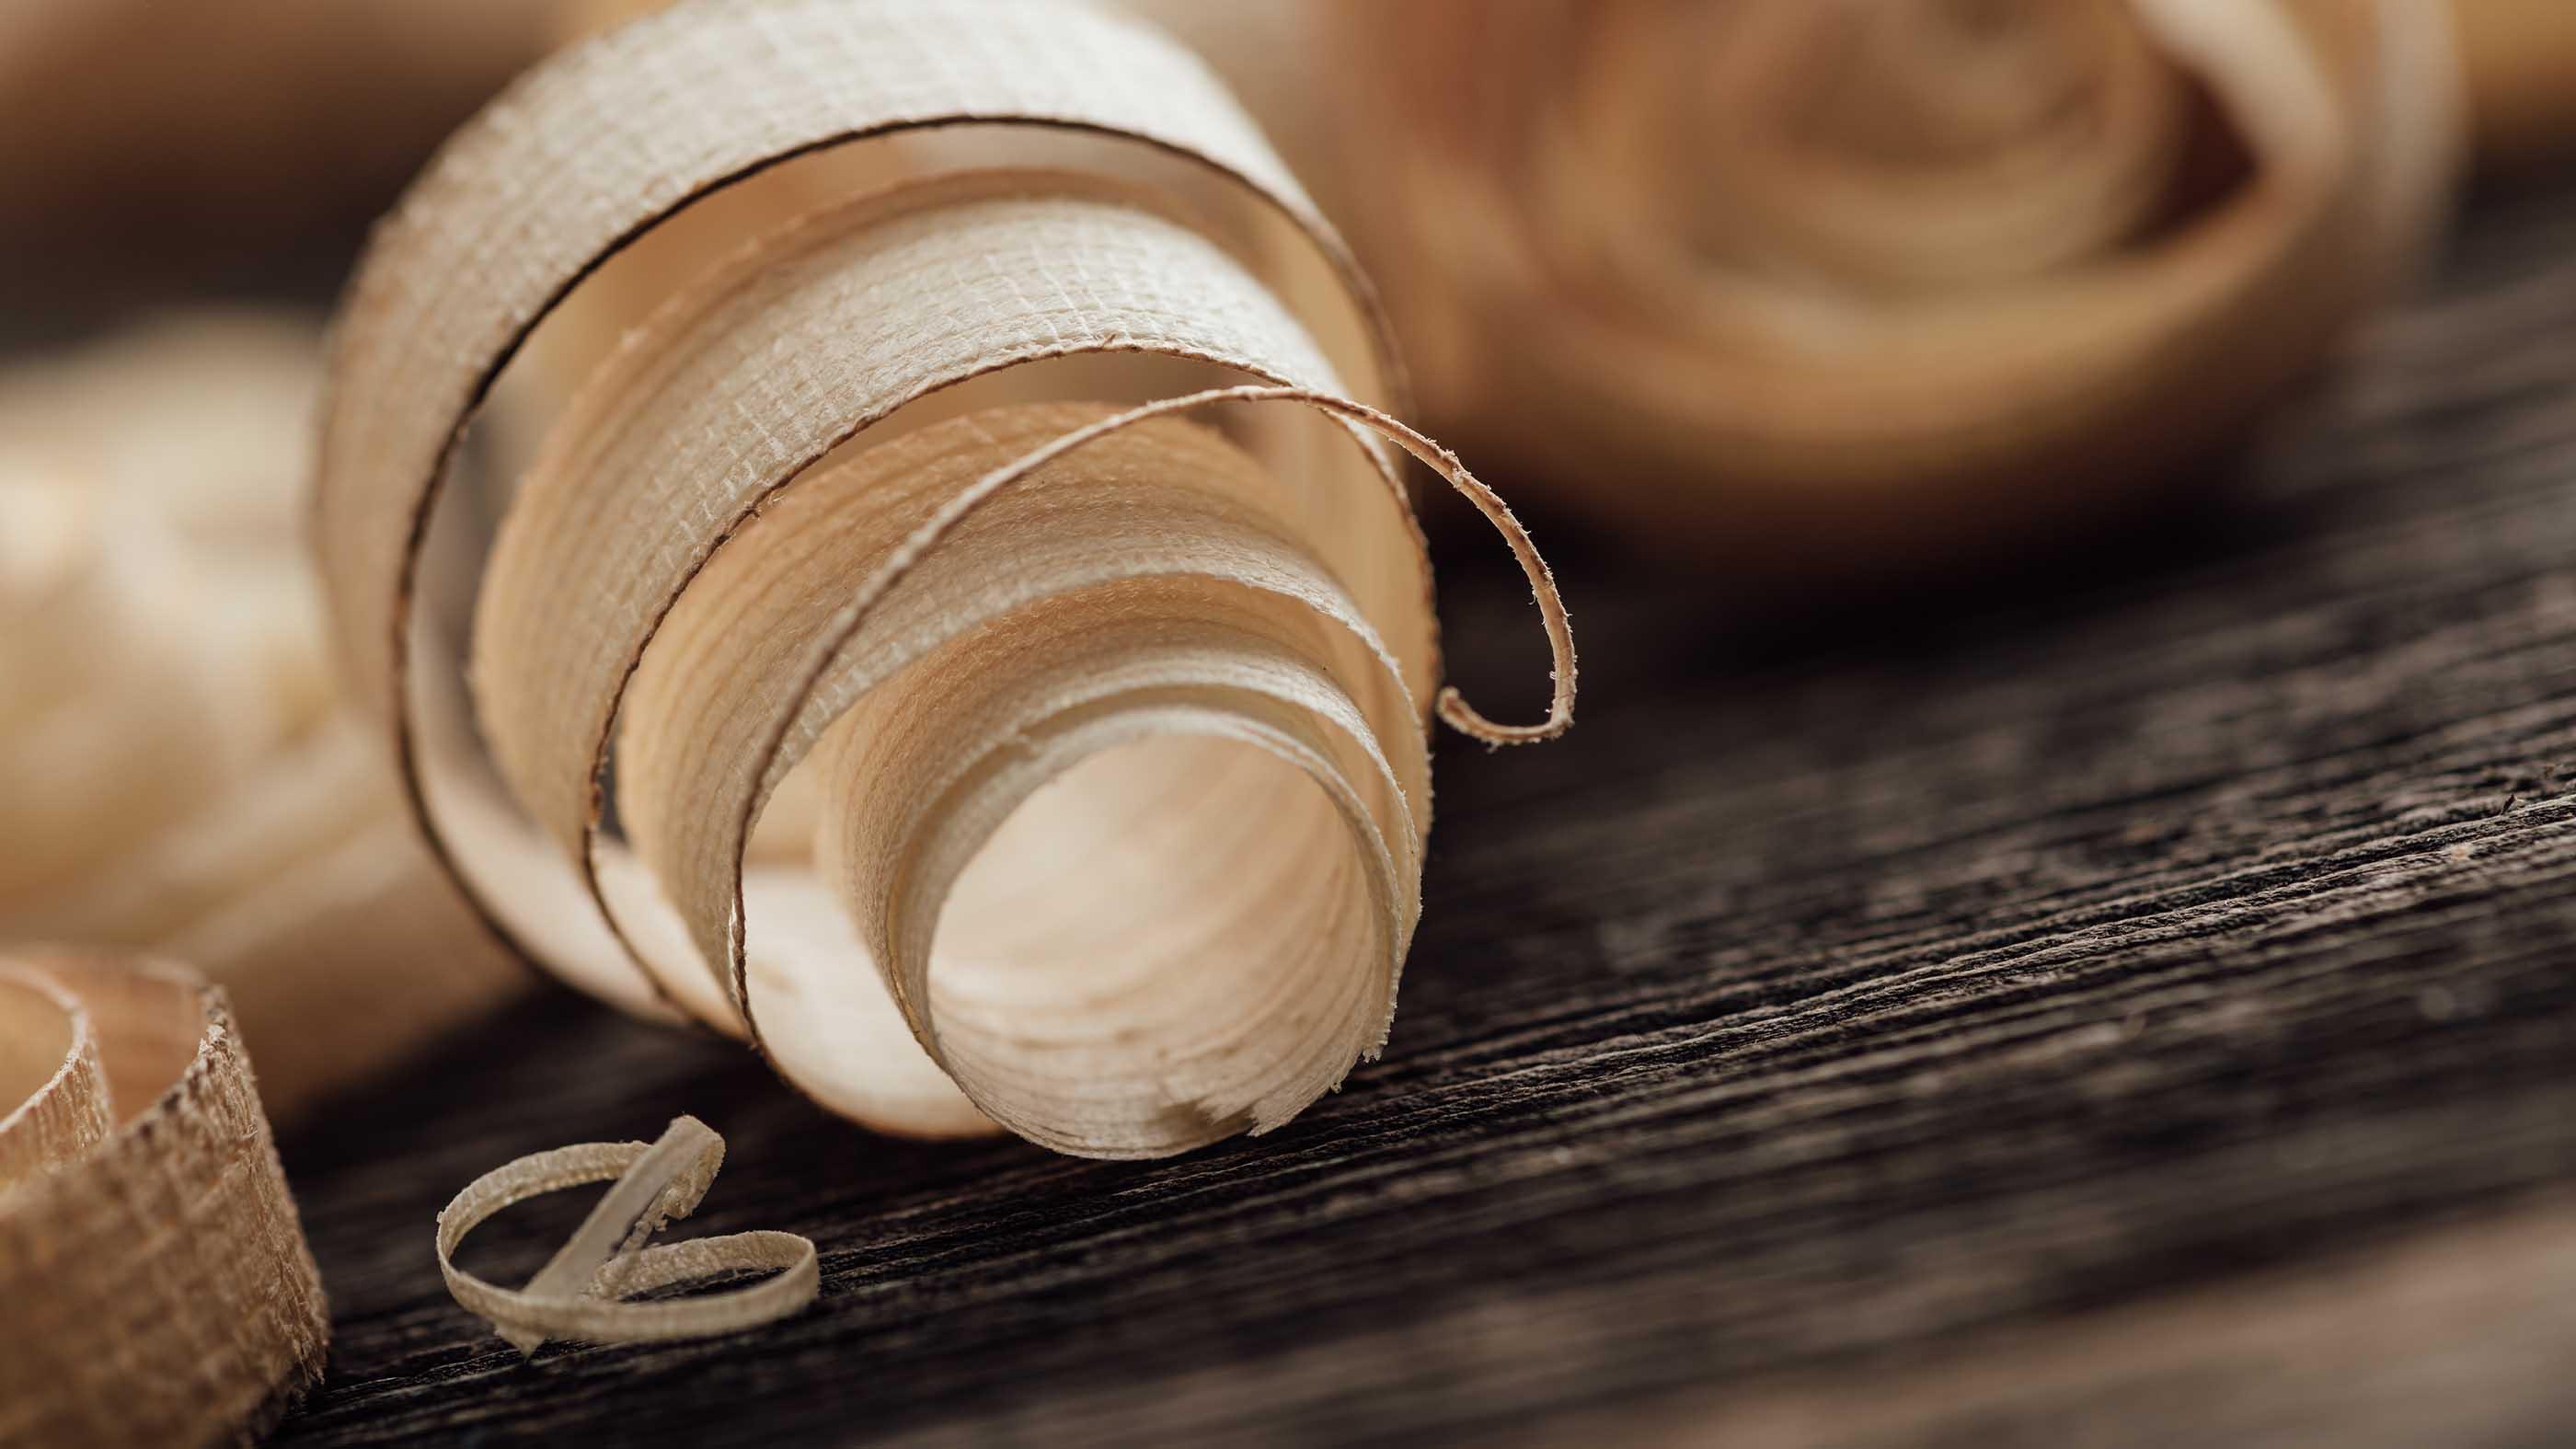 La menuiserie du Rhin travaille le bois dans le respect du matériau